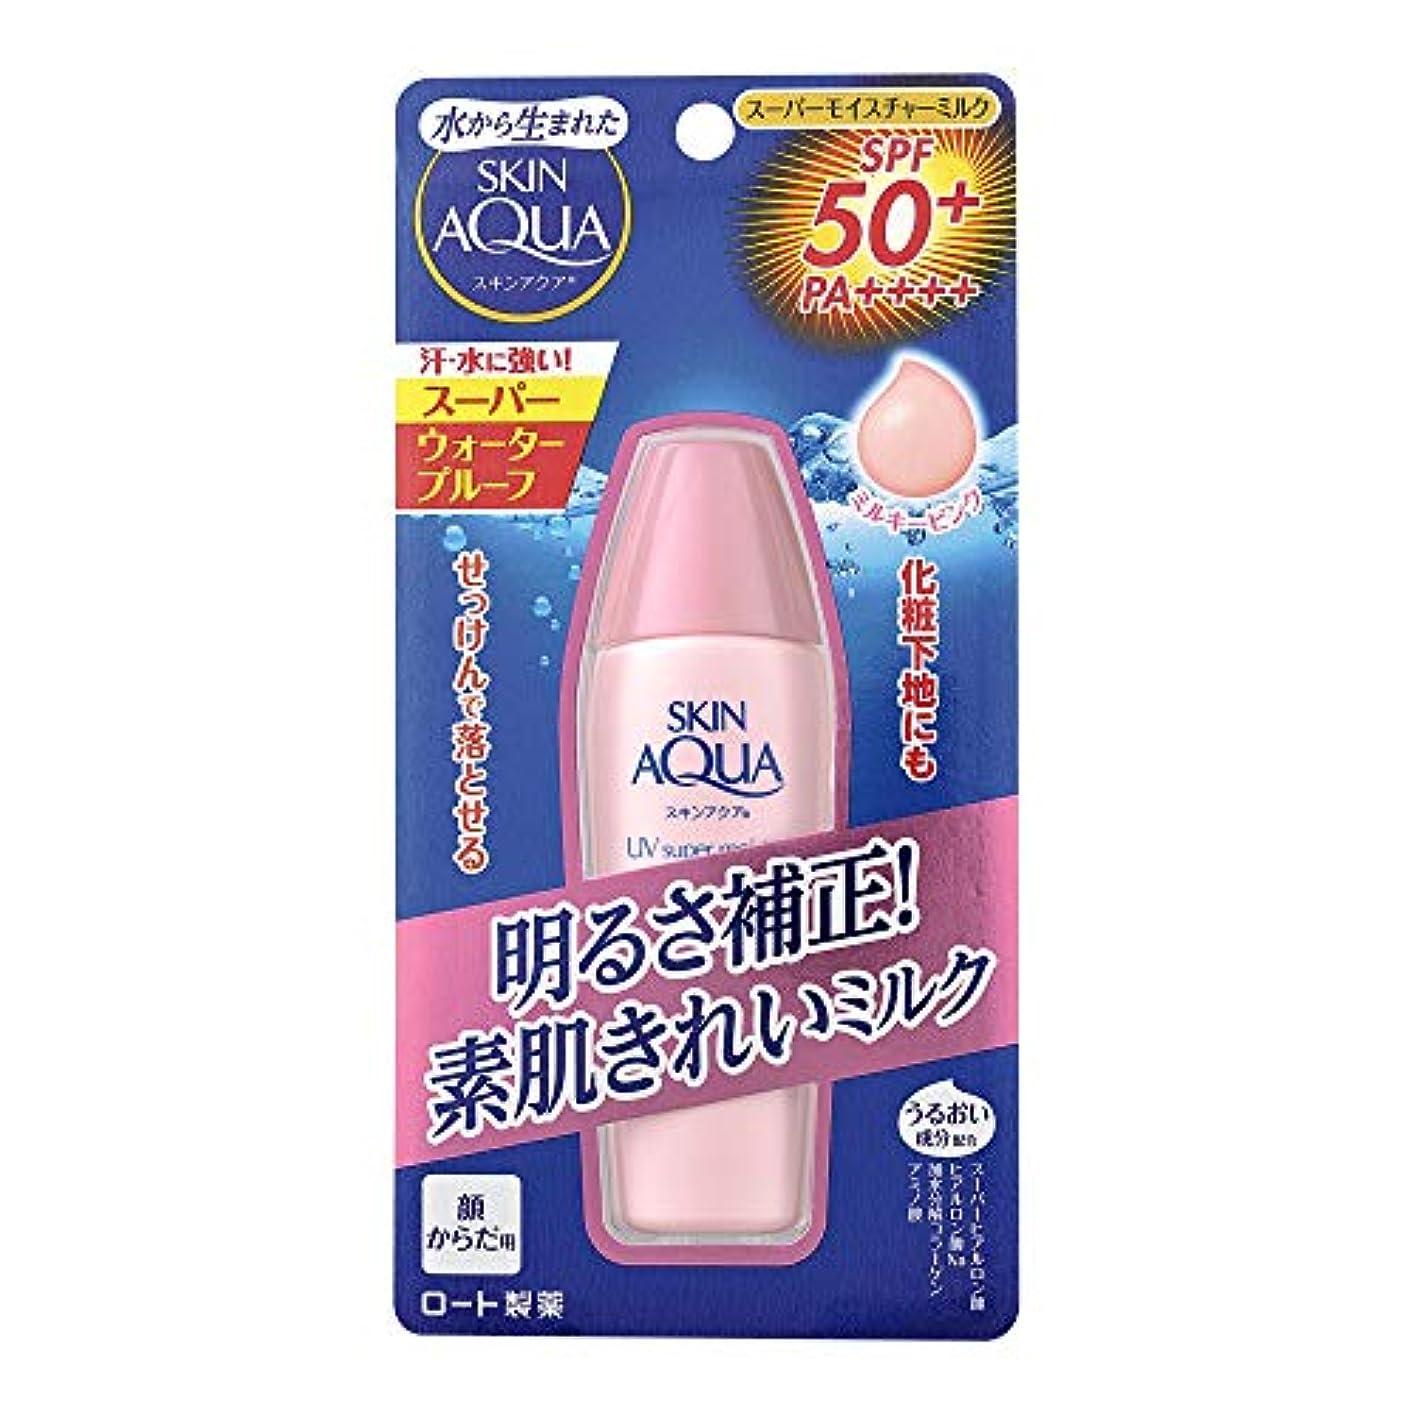 してはいけないバーター郵便スキンアクア (SKIN AQUA) 日焼け止め スーパーモイスチャーミルク 潤い成分4種配合 水感ミルク ミルキーピンク (SPF50 PA++++) 40mL ※スーパーウォータープルーフ